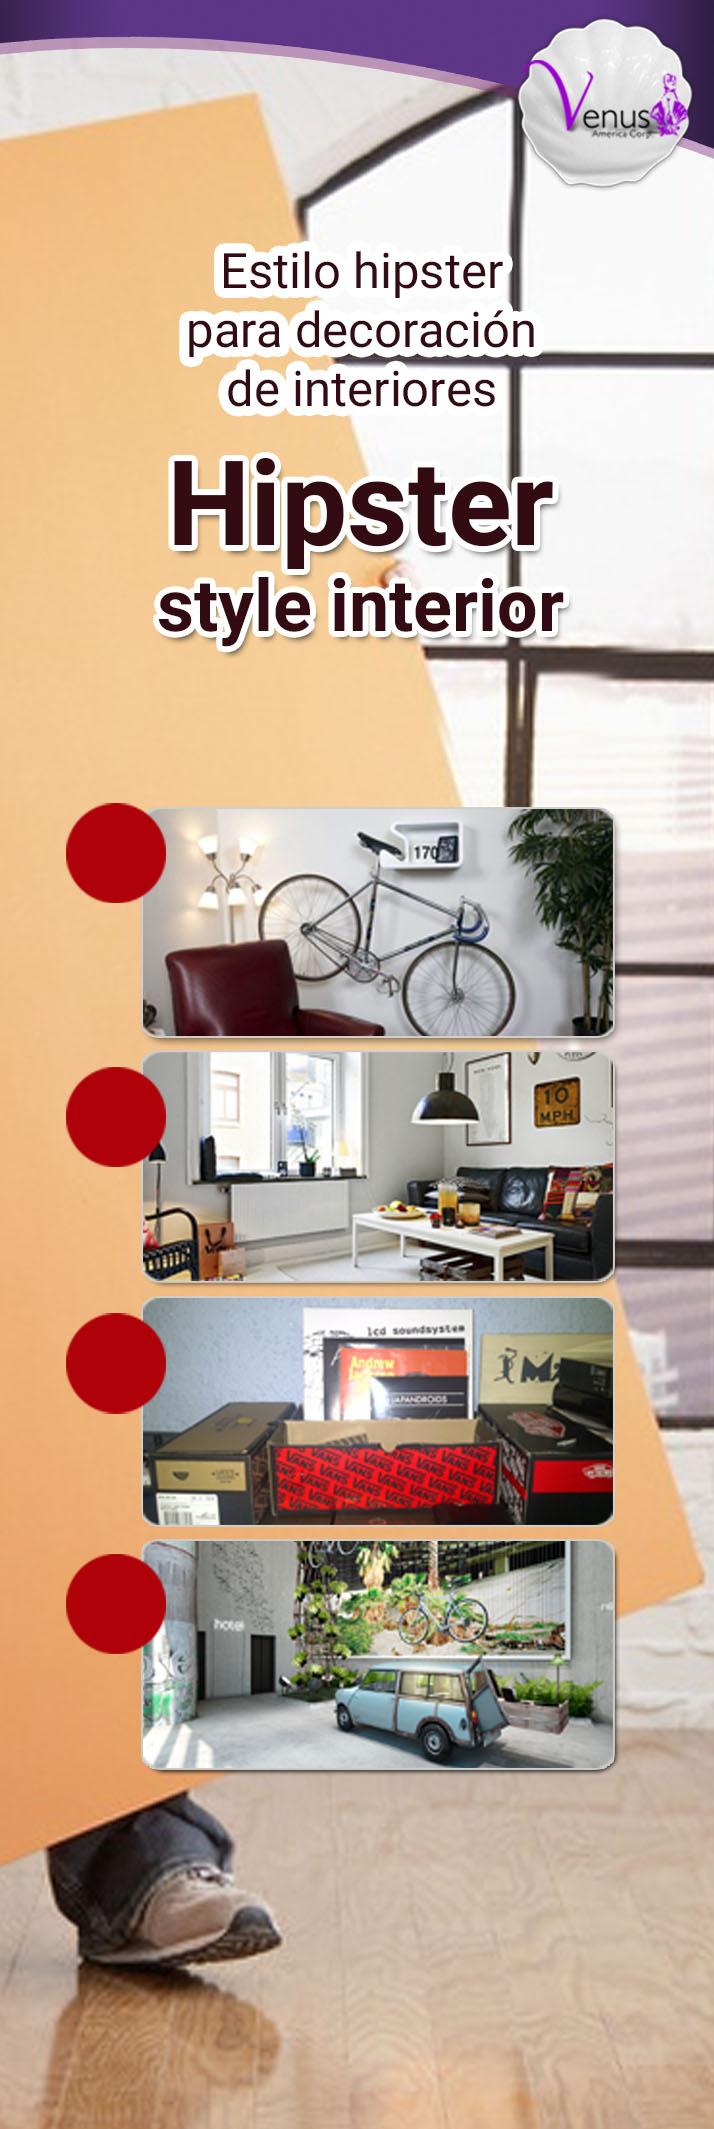 El estilo hipster es la nueva tendencia en decoraci n de - Nuevas tendencias en decoracion de interiores ...